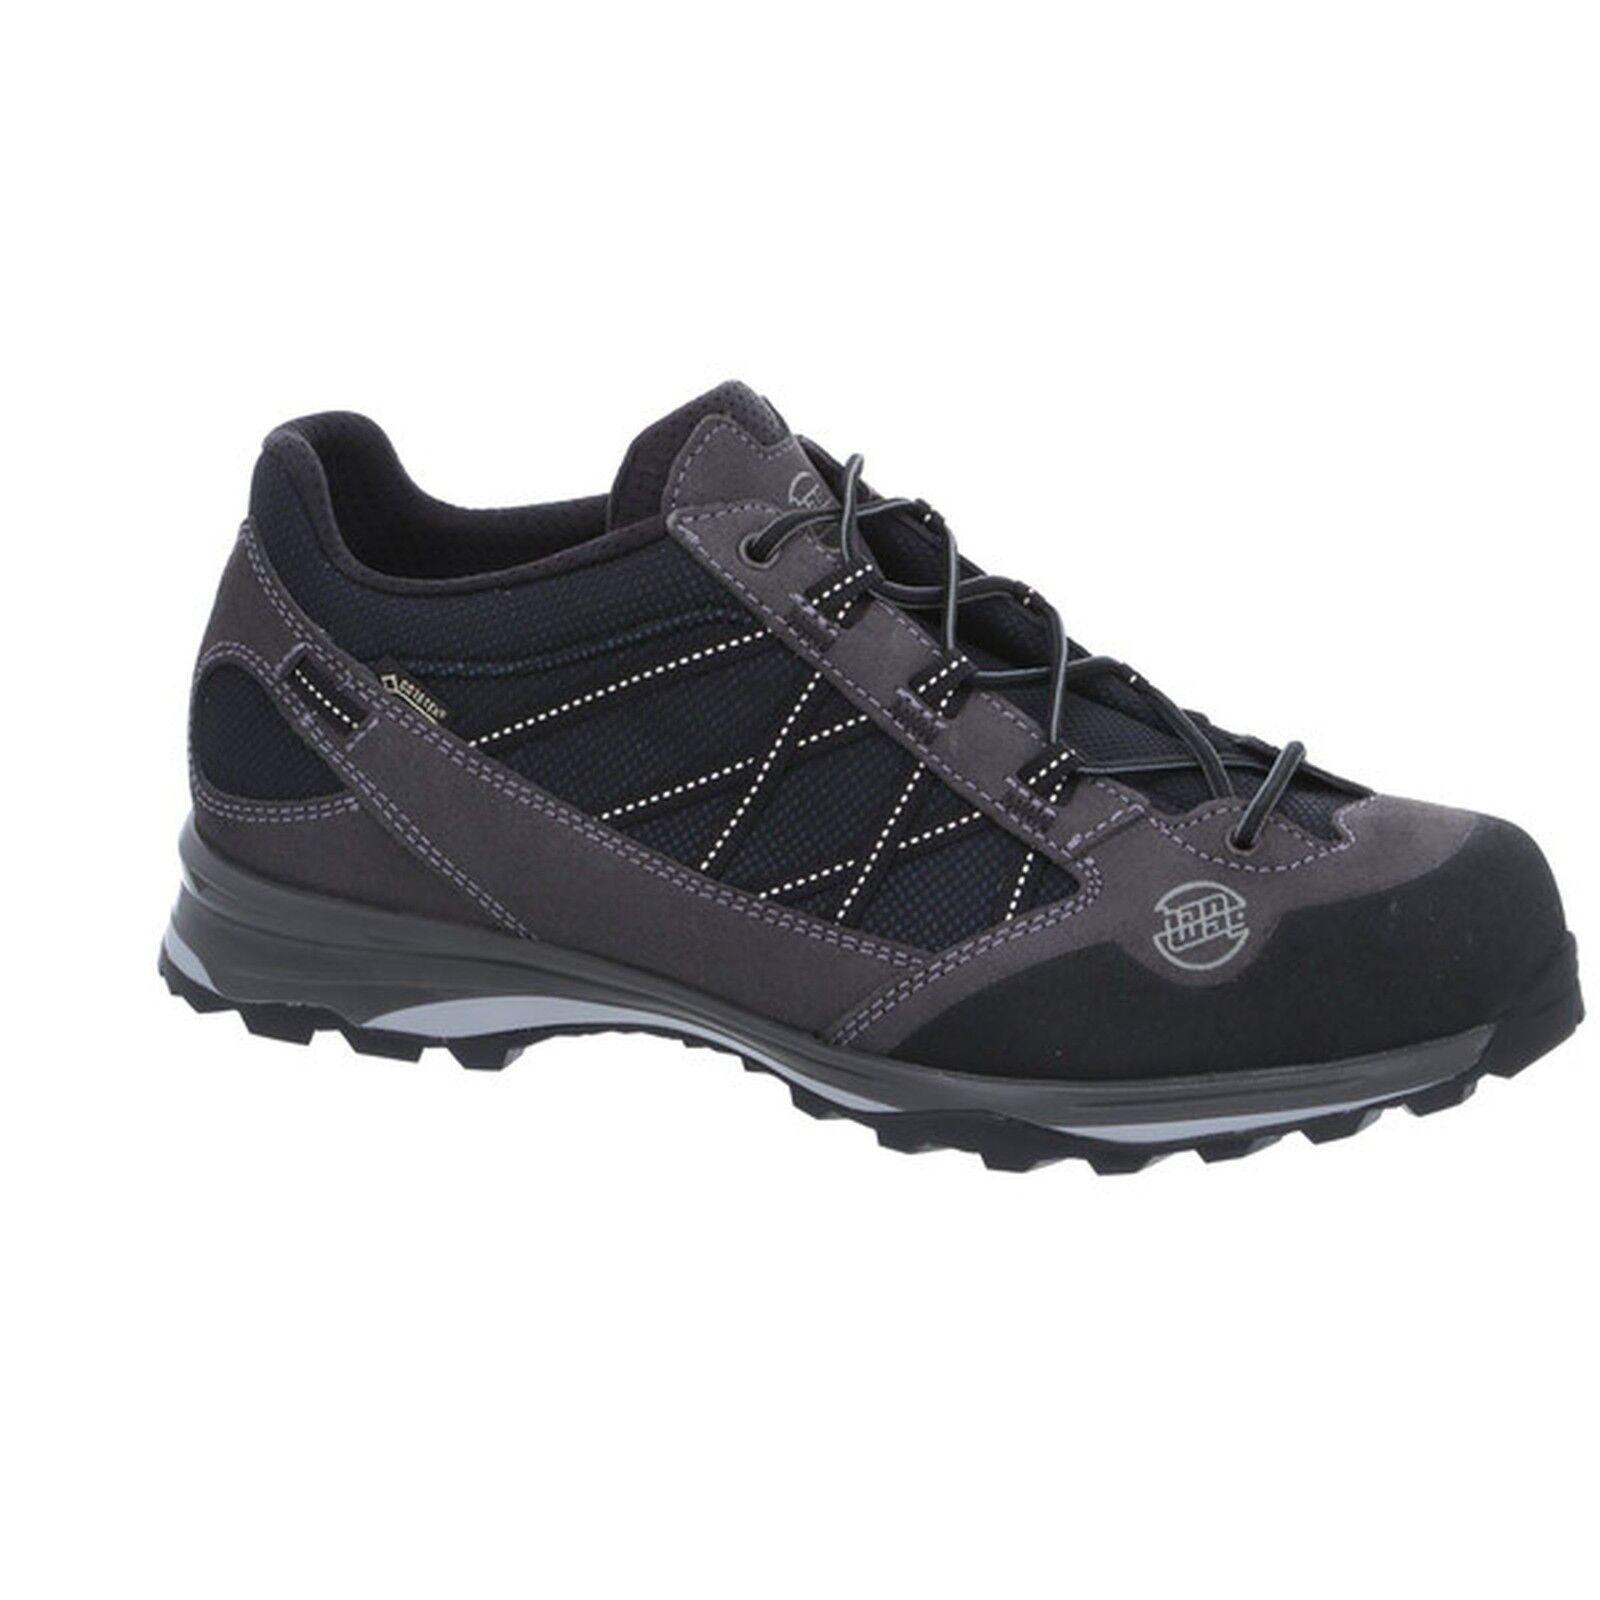 Hanwag montaña zapatos Belorado II low GTX talla 10  - 44,5 asfalto negro  alto descuento